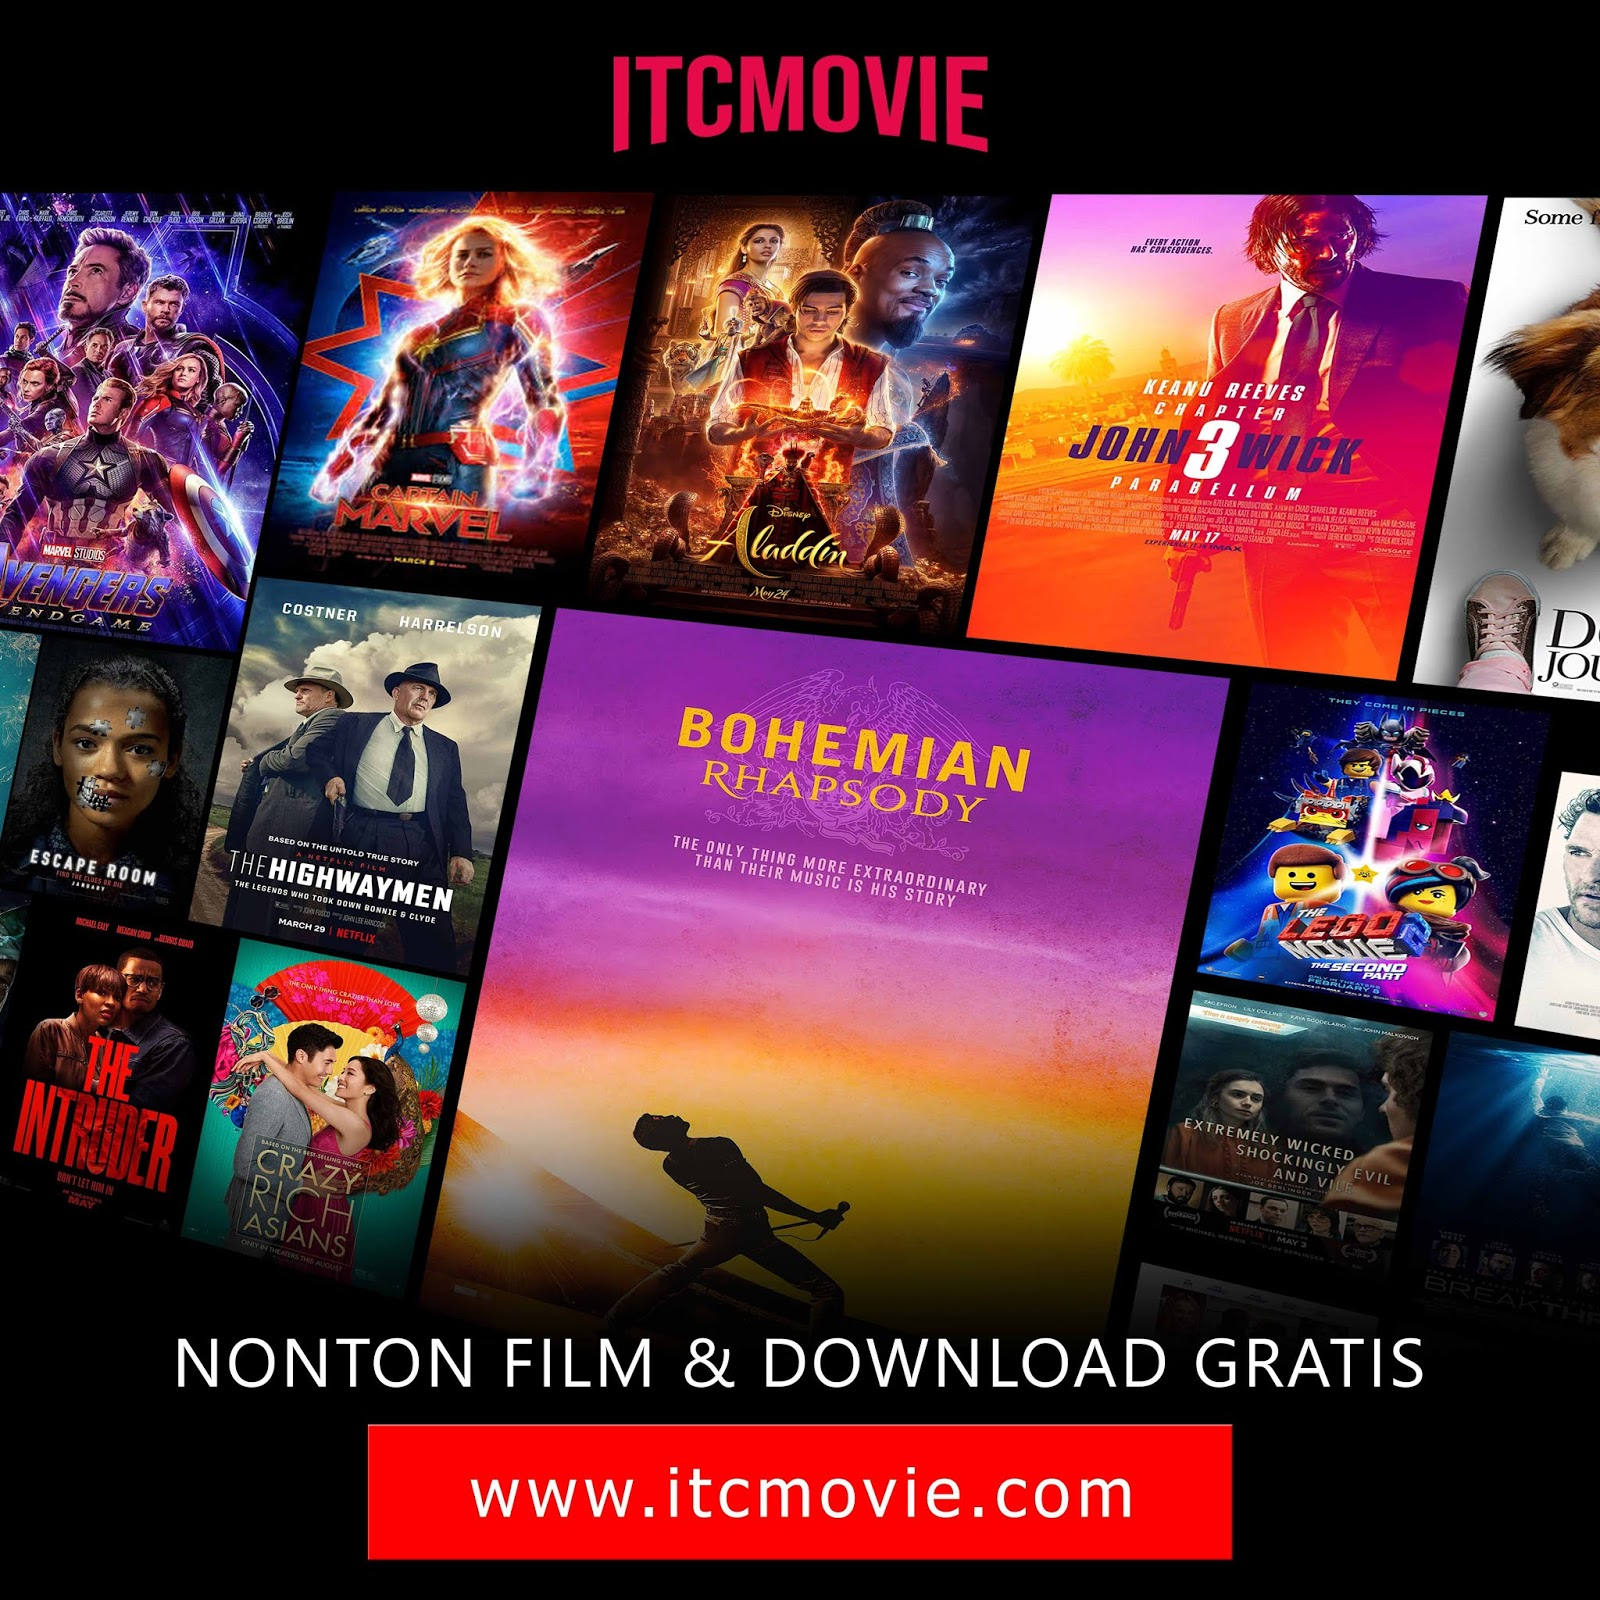 Nonton Movie Online Streaming Film Bioskop Terbaru ...